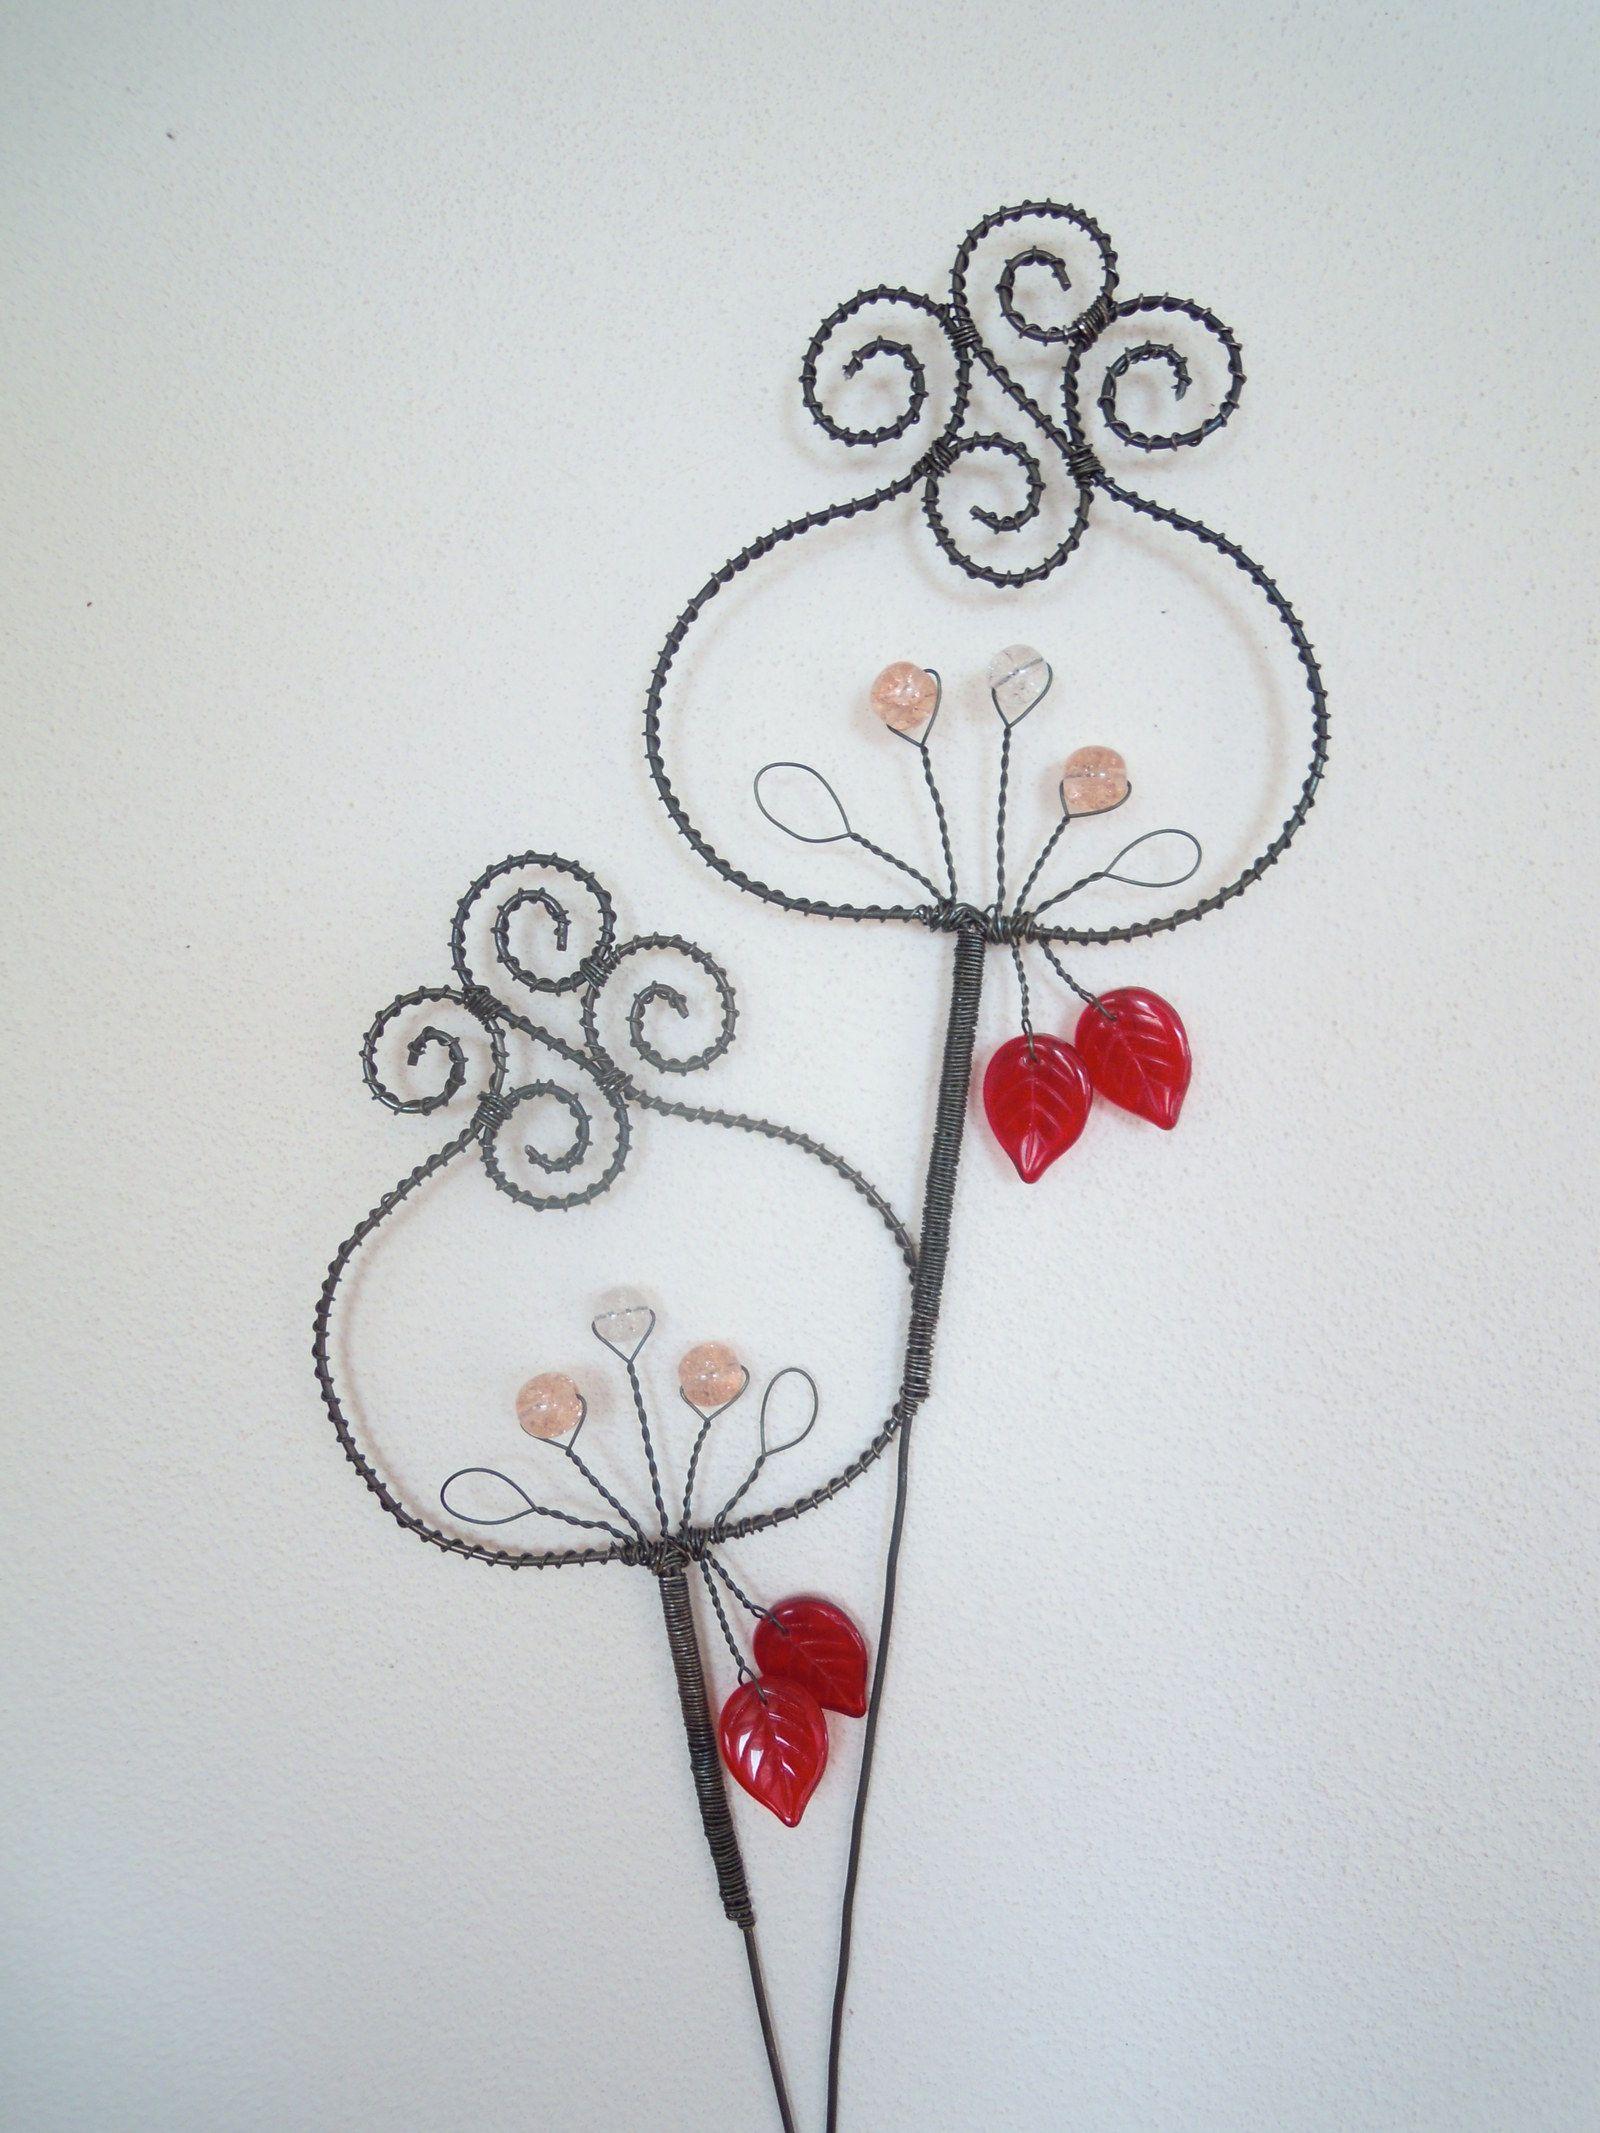 Pro Makovou panenku - zápich Drátovaná dekorace z černého vázacího drátu, dozdobená skleněnými praskanými korálky v barvě světlerůžové a čiré a skleněnými tmavočervenými lístečky. Velikost květu: 9 cm x 7,5 cm, výška zápichu cca 34 cm. Cena za 1 kus.